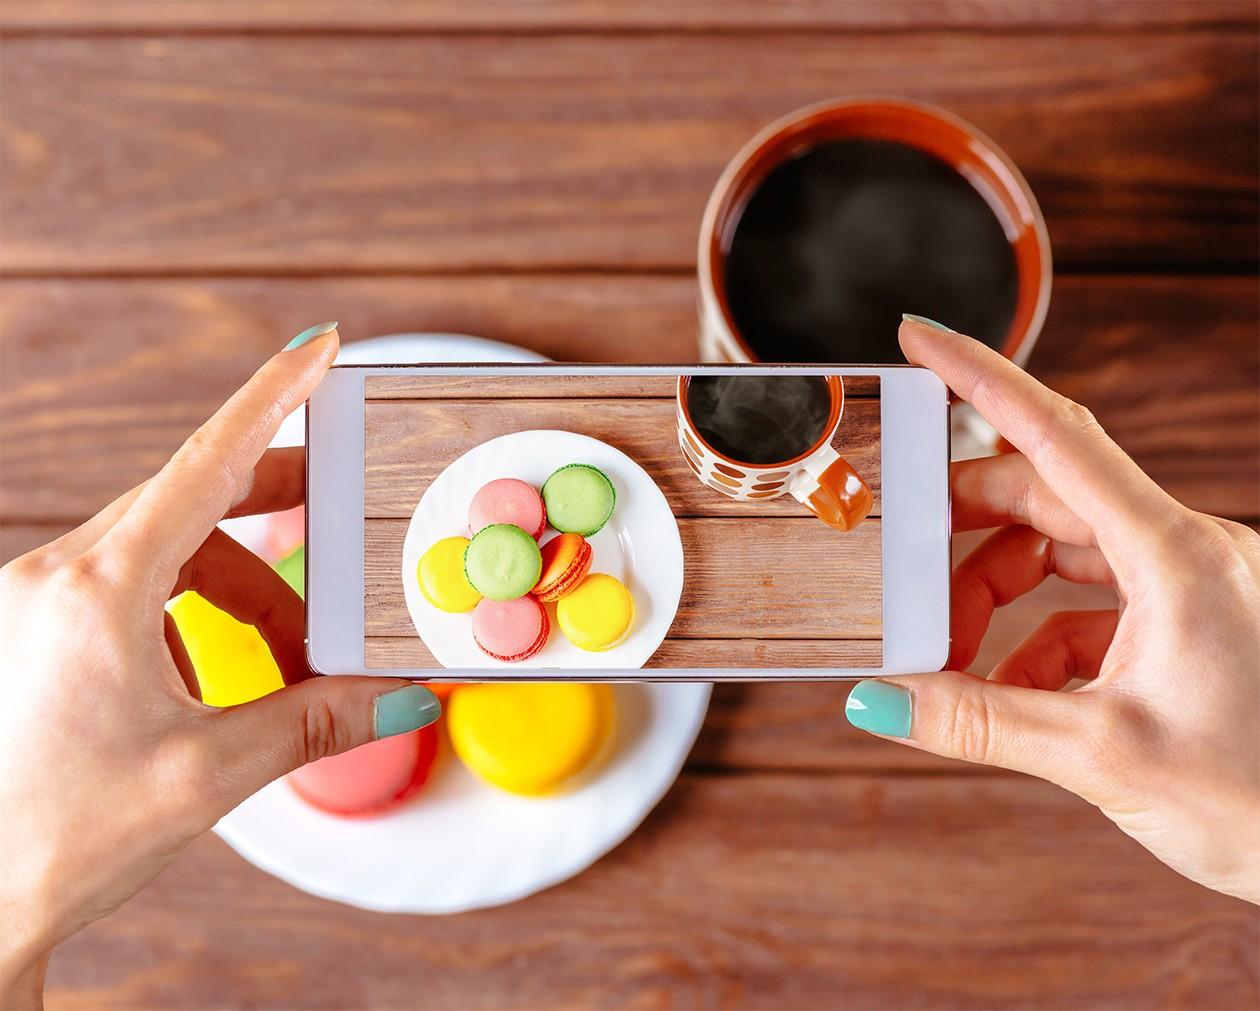 Kvinde tager billede af kager med en smartphone